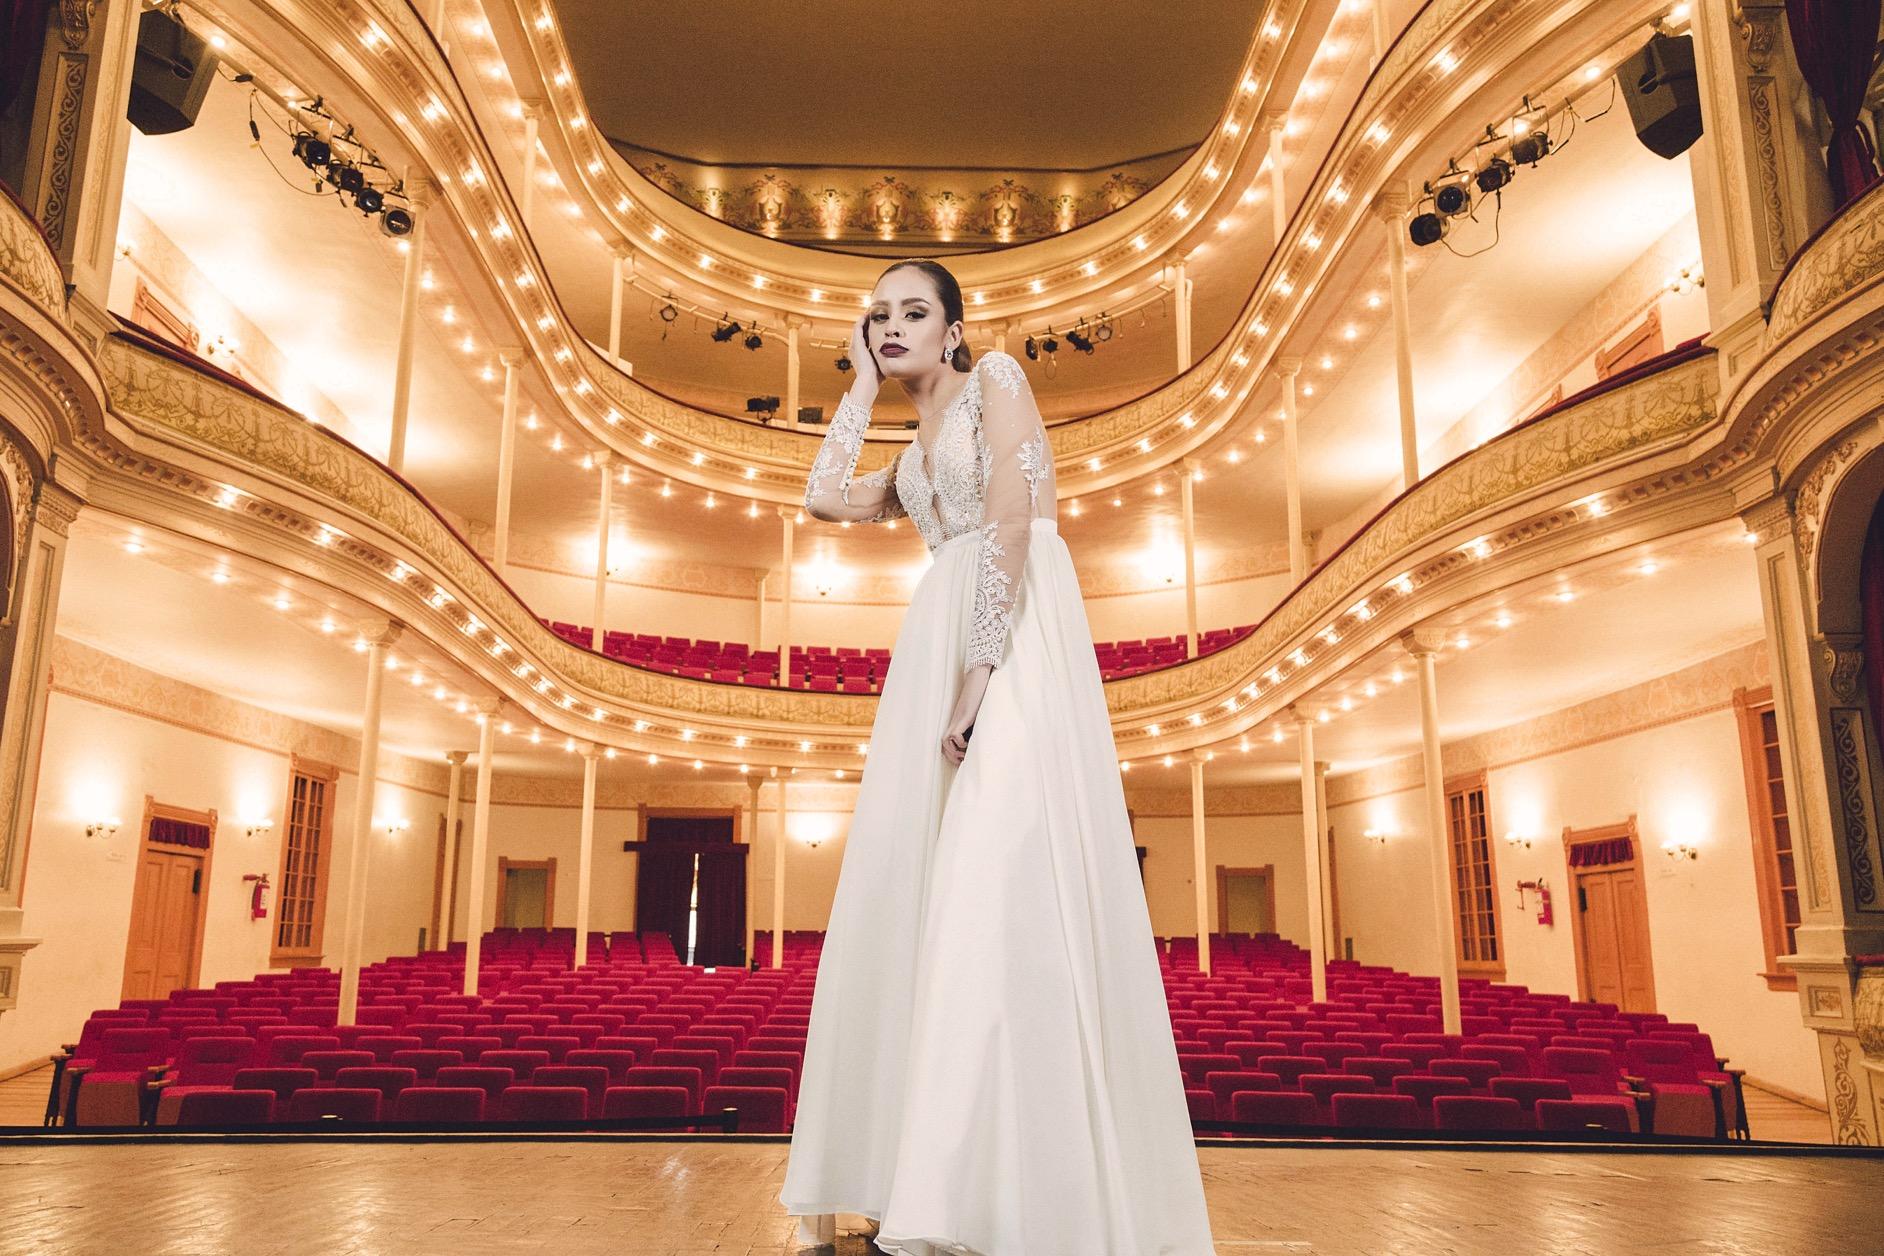 fotografo_profesional_bodas_zacatecas_casual_teatro_calderon_fashion-24